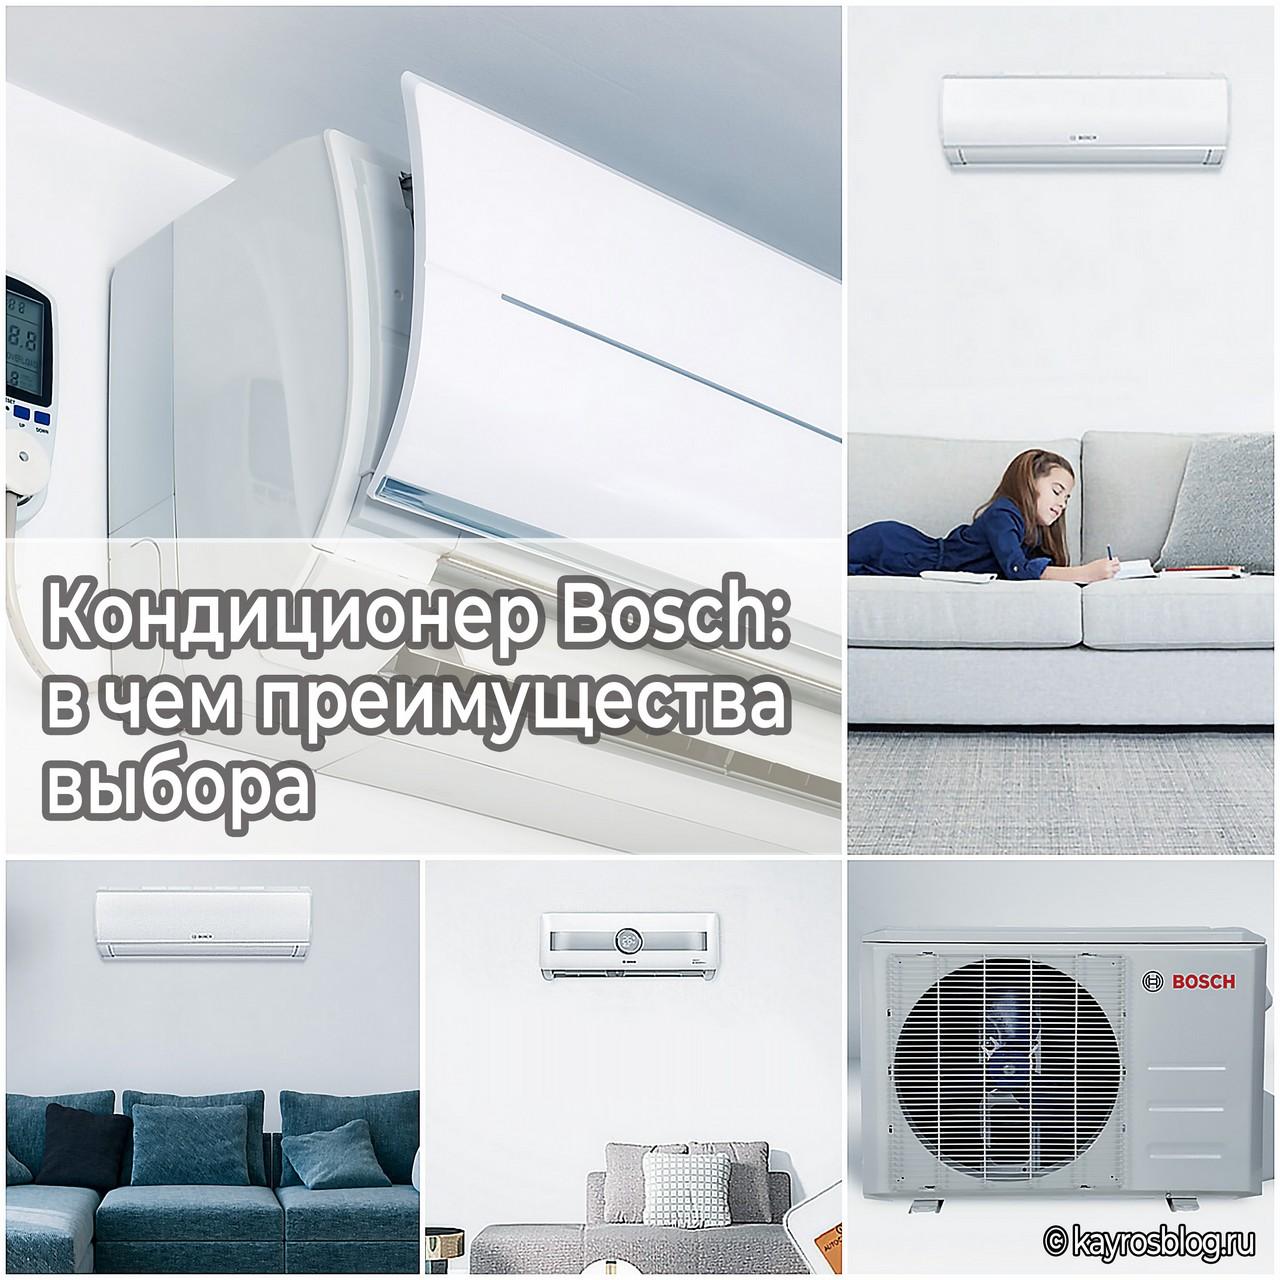 Кондиционер Bosch в чем преимущества выбора